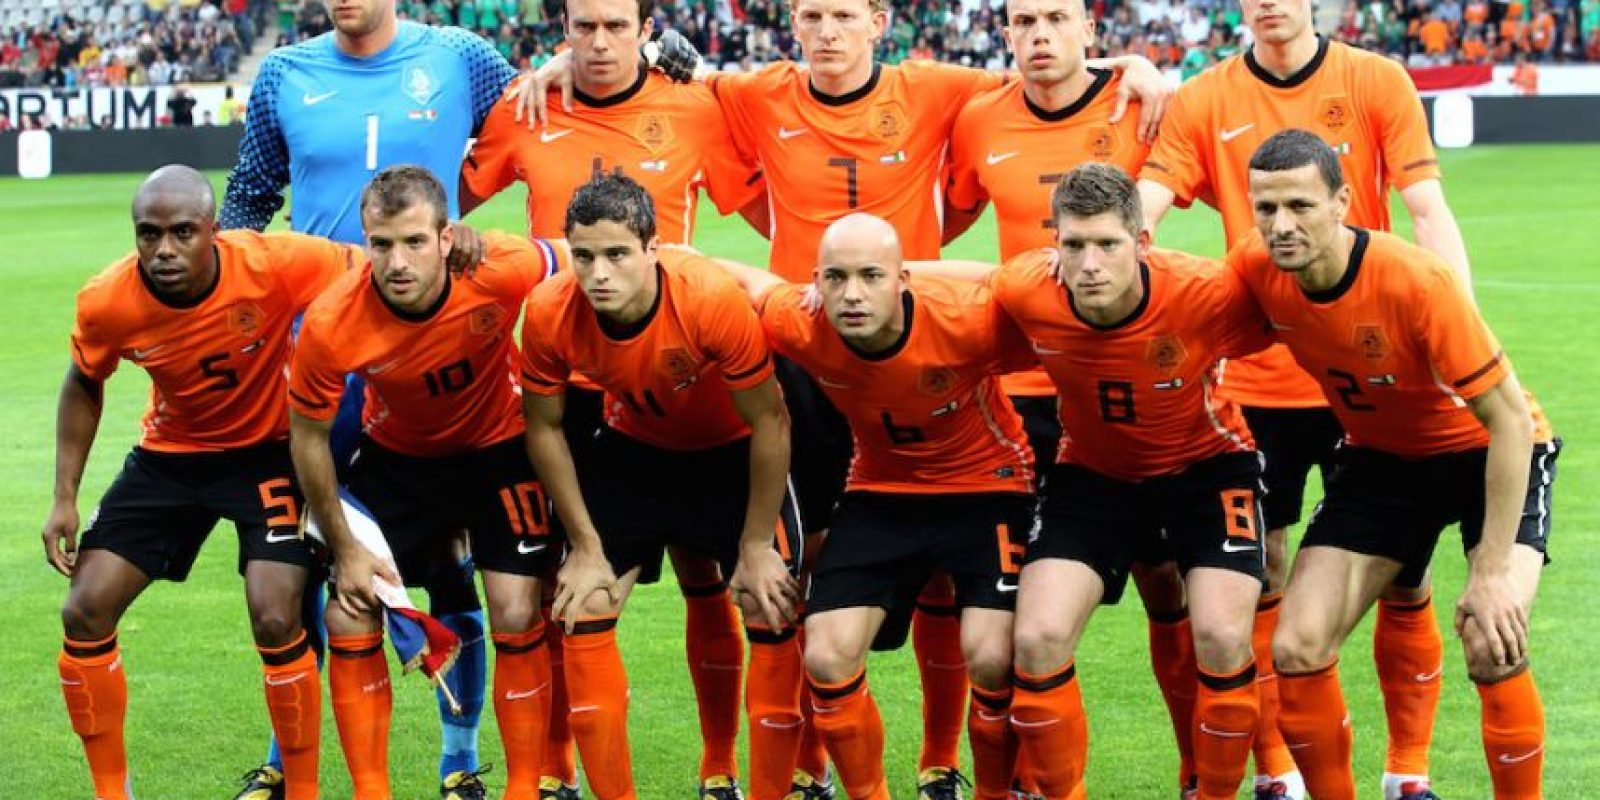 De Zeeuw fue mundialista con Holanda en 2010. Foto:Getty Images